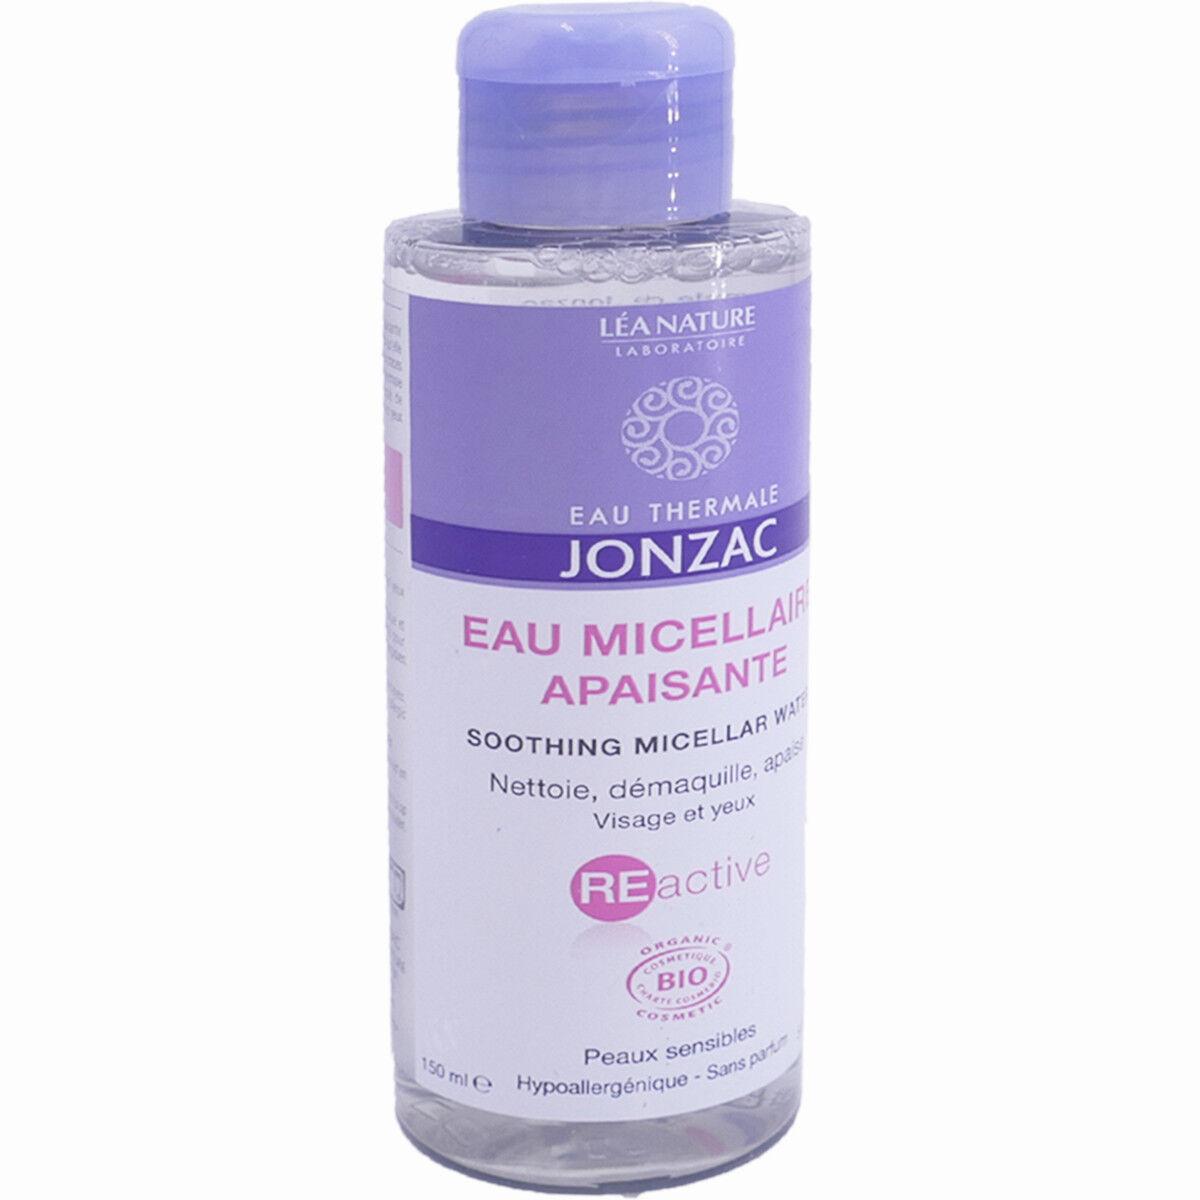 Jonzac eau micellaire apaisante bio 150 ml